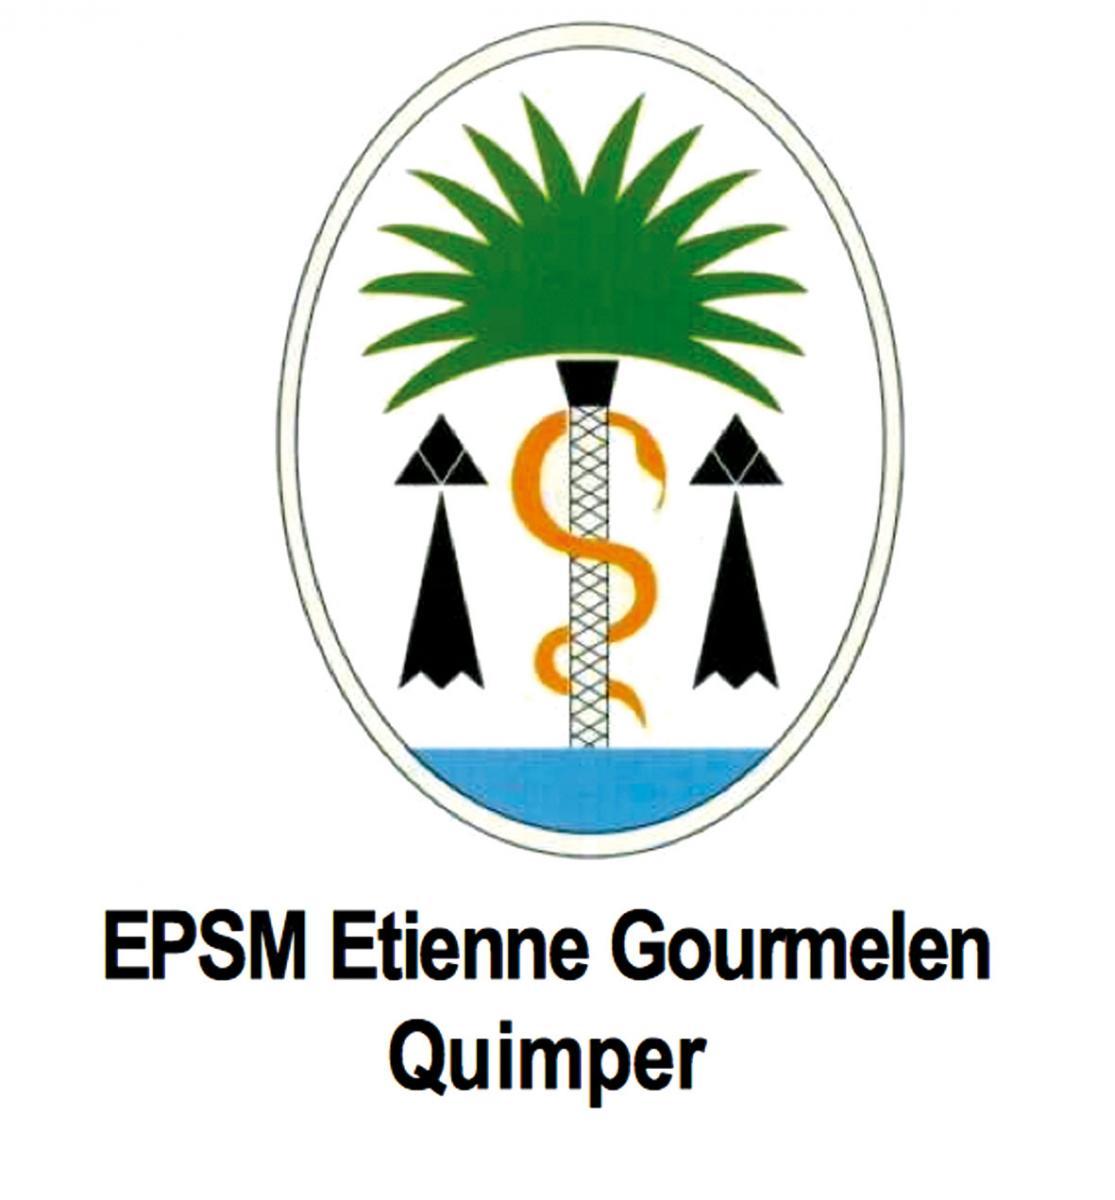 EPSM Etienne Gourmelen